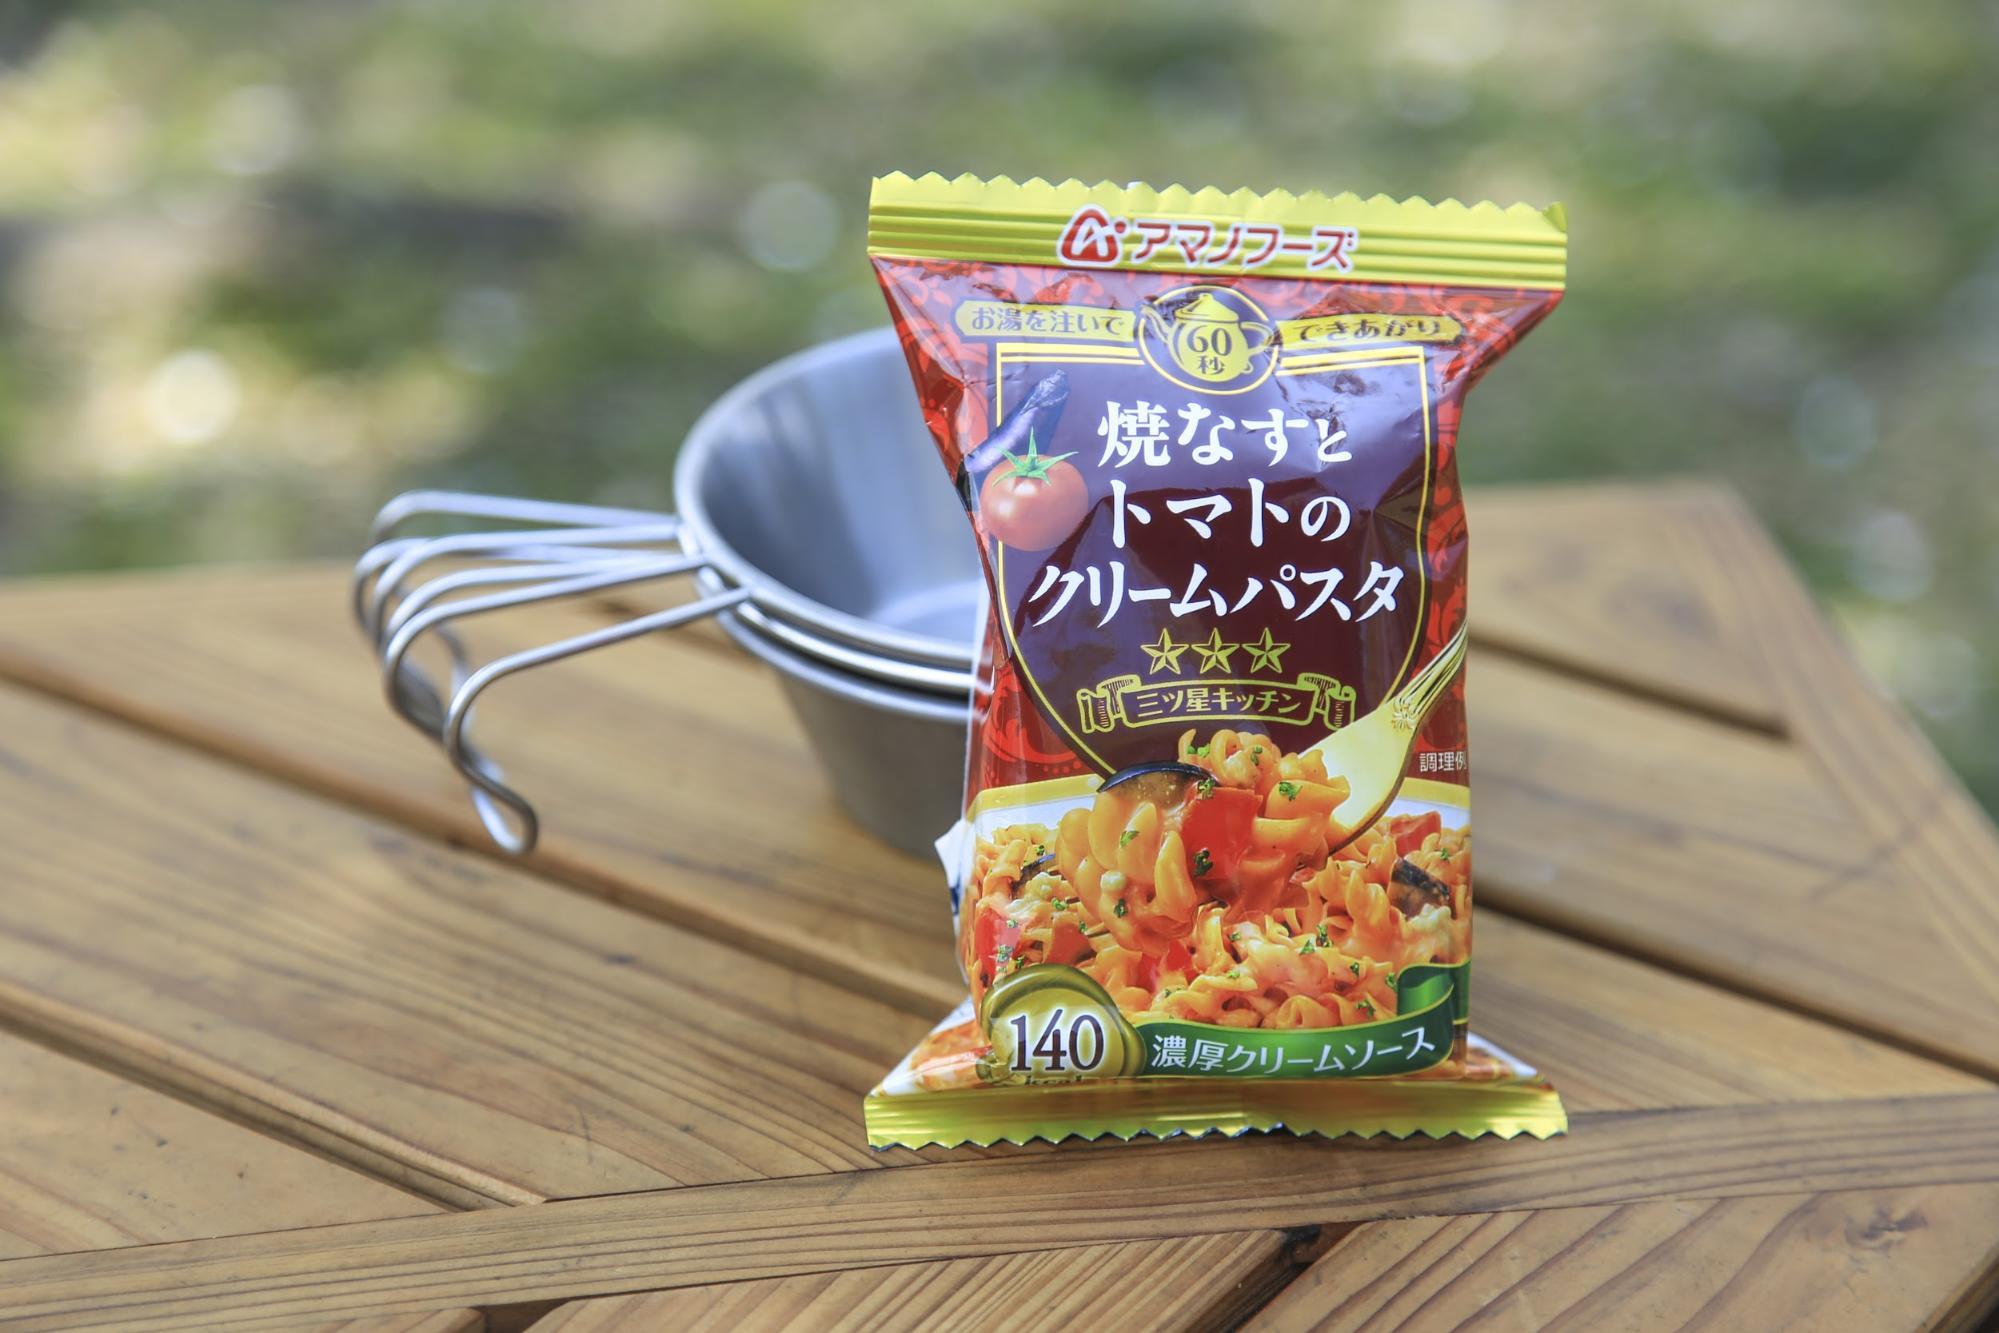 キャンプが趣味の佐久間亮介(さくぽん)さんがオススメする、アレンジしてさらにおいしいフリーズドライ